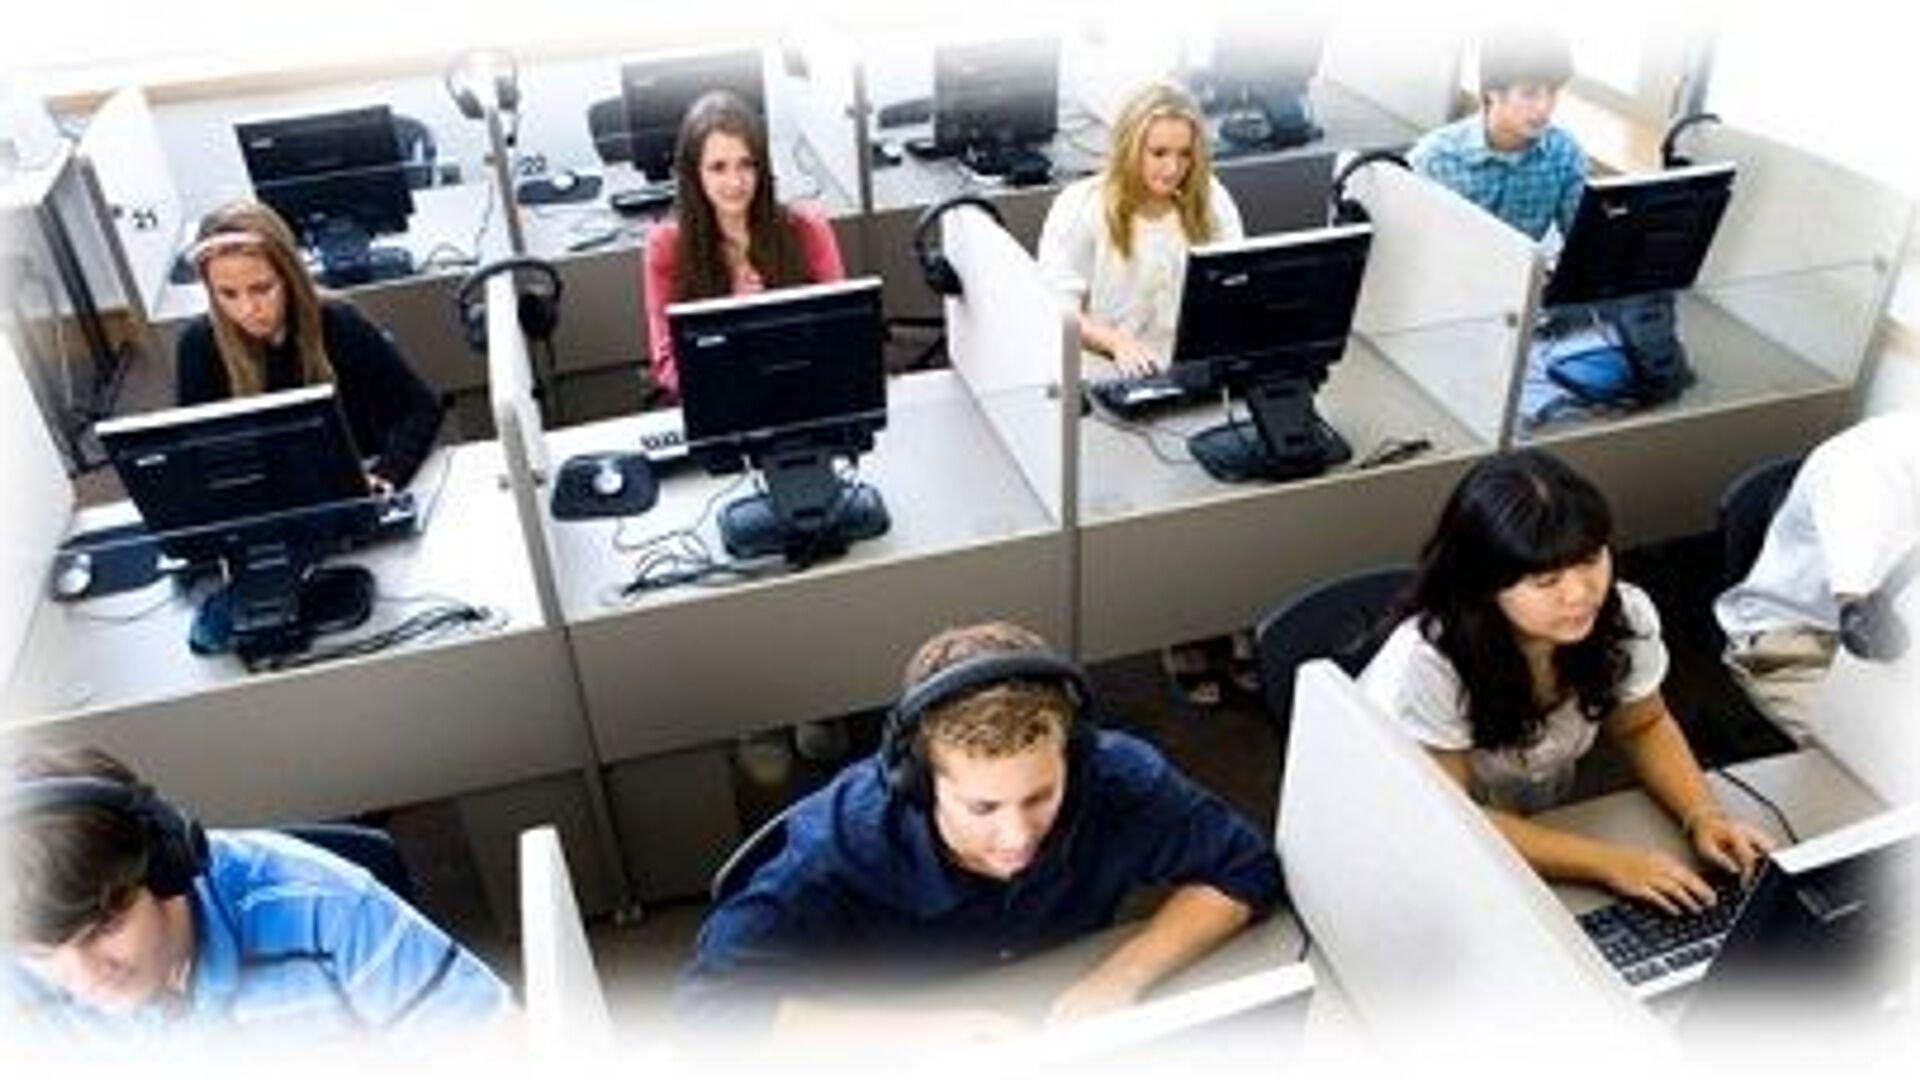 Lavoro giovani. Cresce la richiesta di competenze digitali e tecnologiche - Sputnik Italia, 1920, 13.09.2021